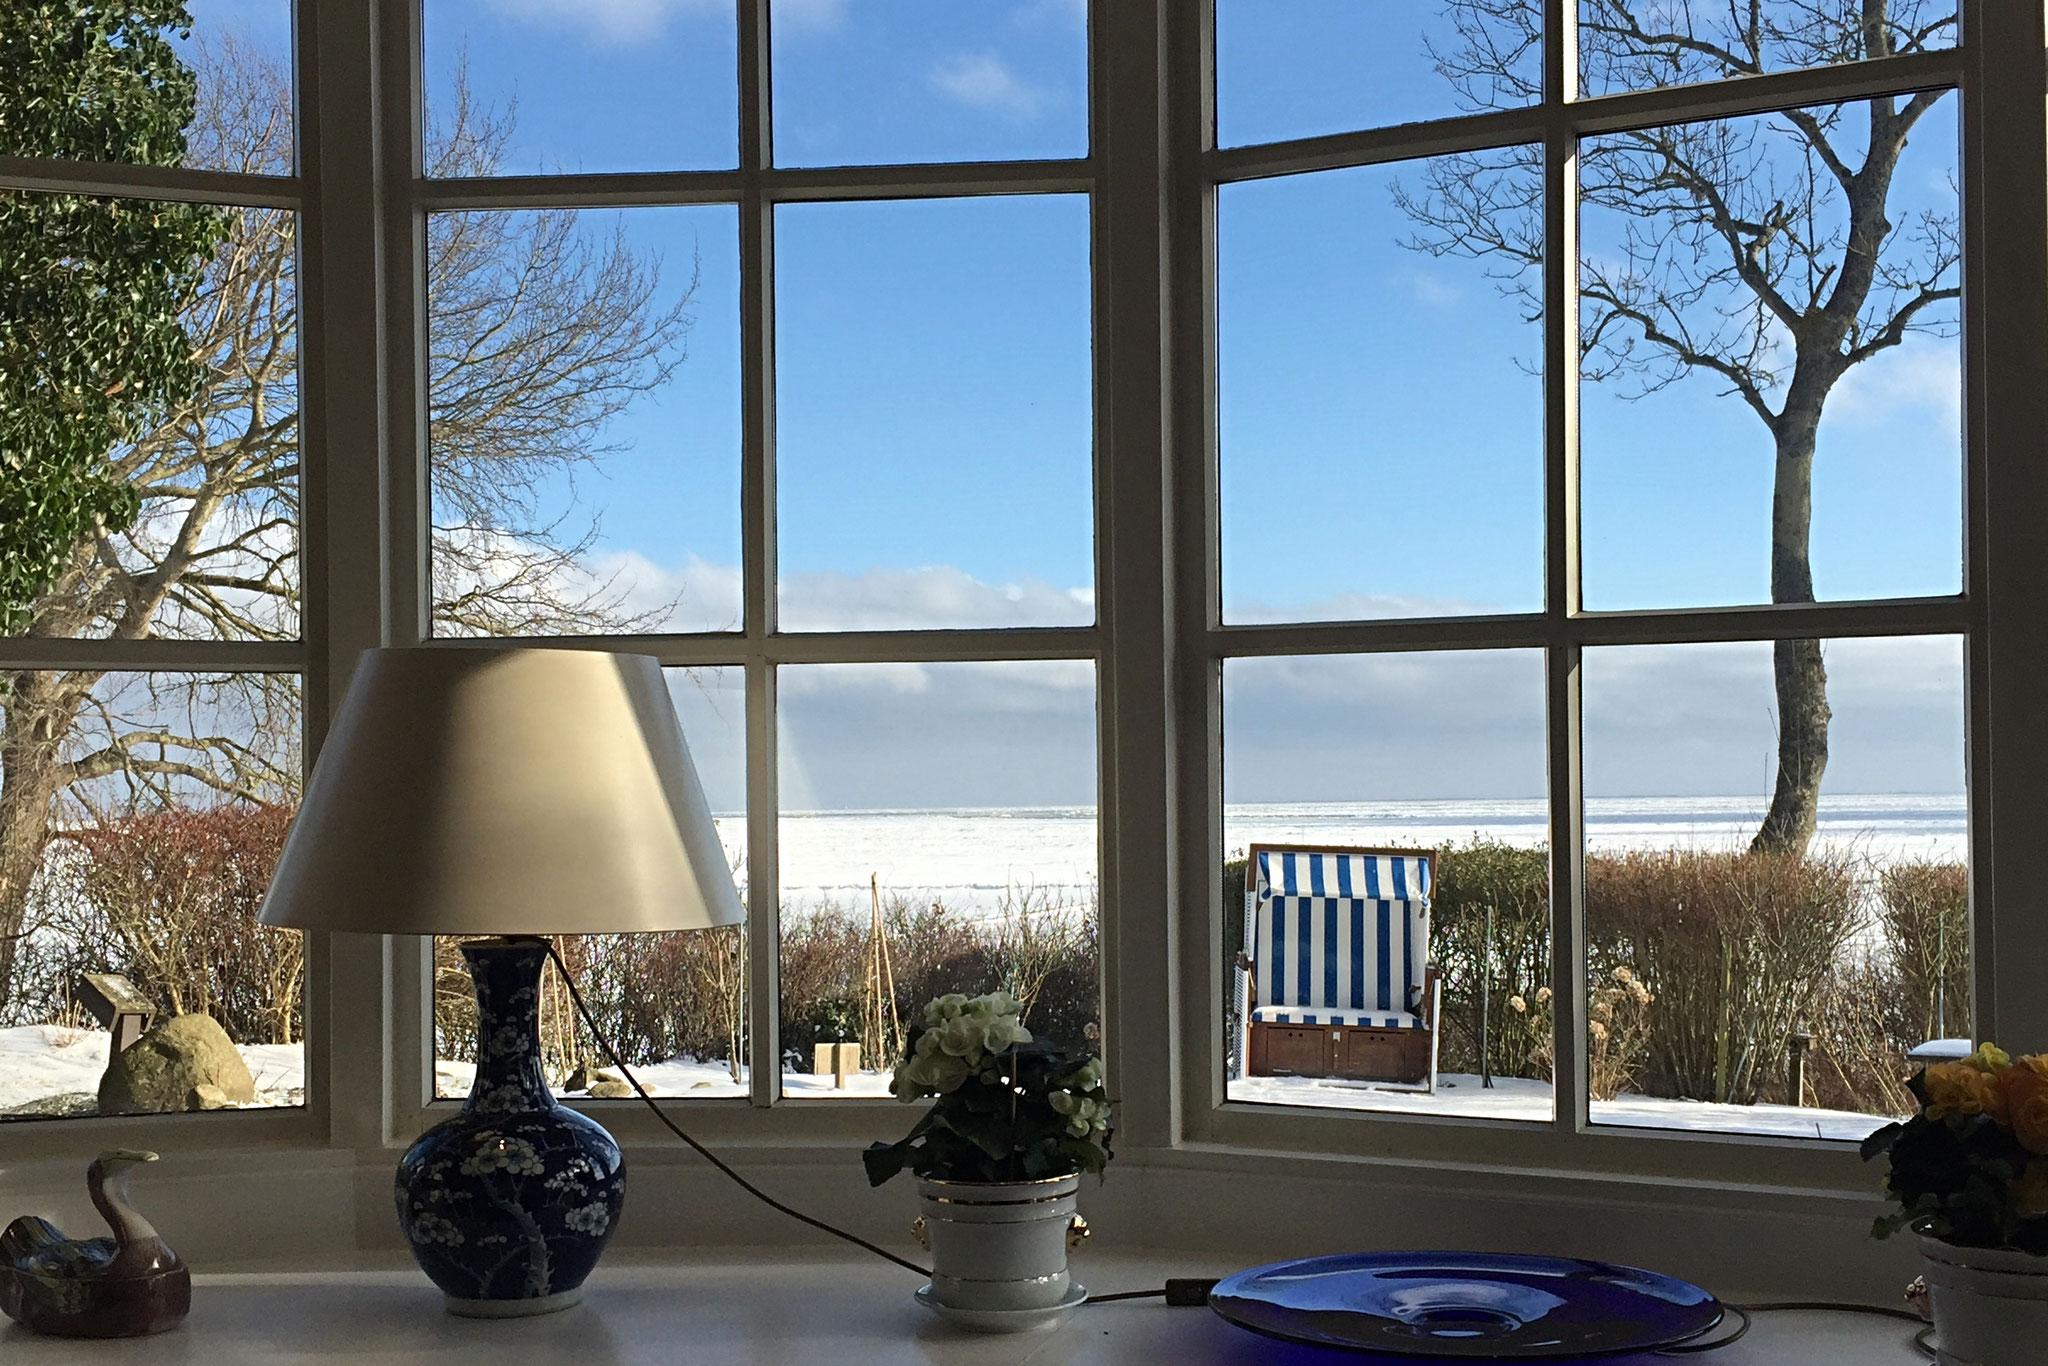 Luxuriöse Ferienwohnungen auf Sylt: exklusives Ferienhaus in ...